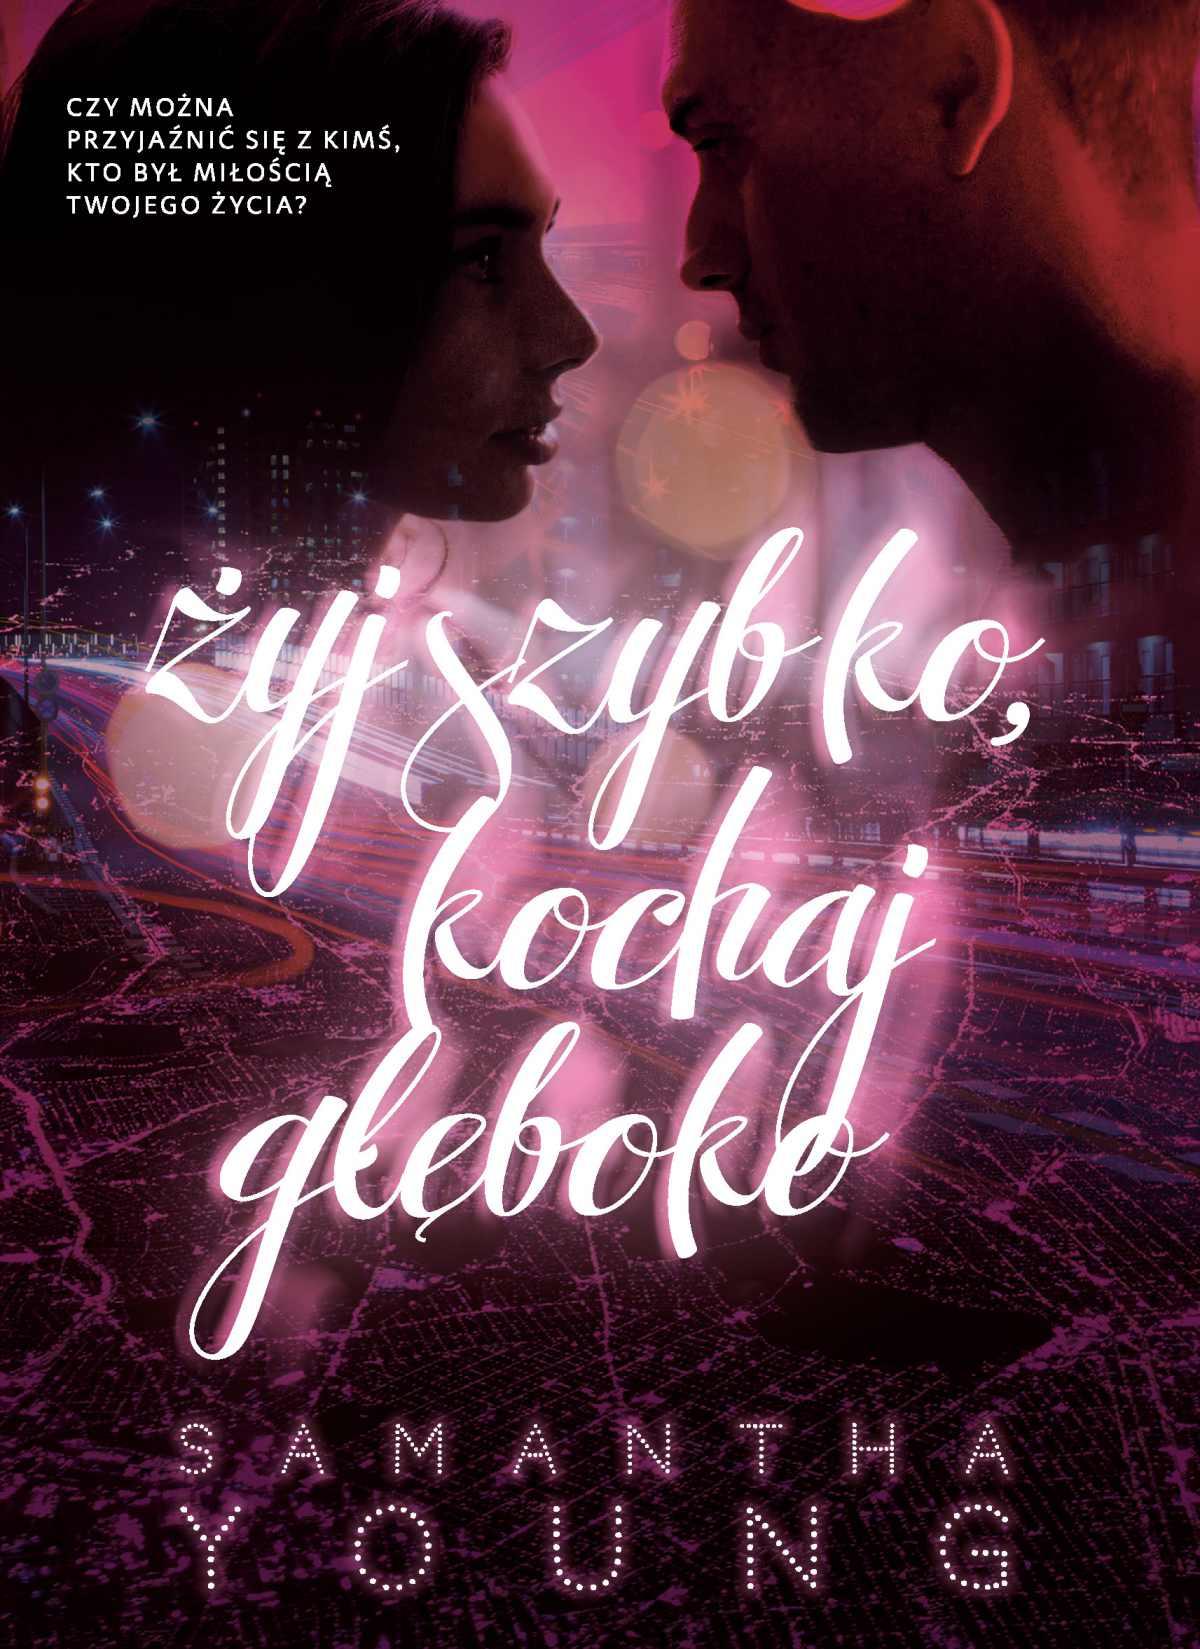 Żyj szybko, kochaj głęboko - Ebook (Książka na Kindle) do pobrania w formacie MOBI